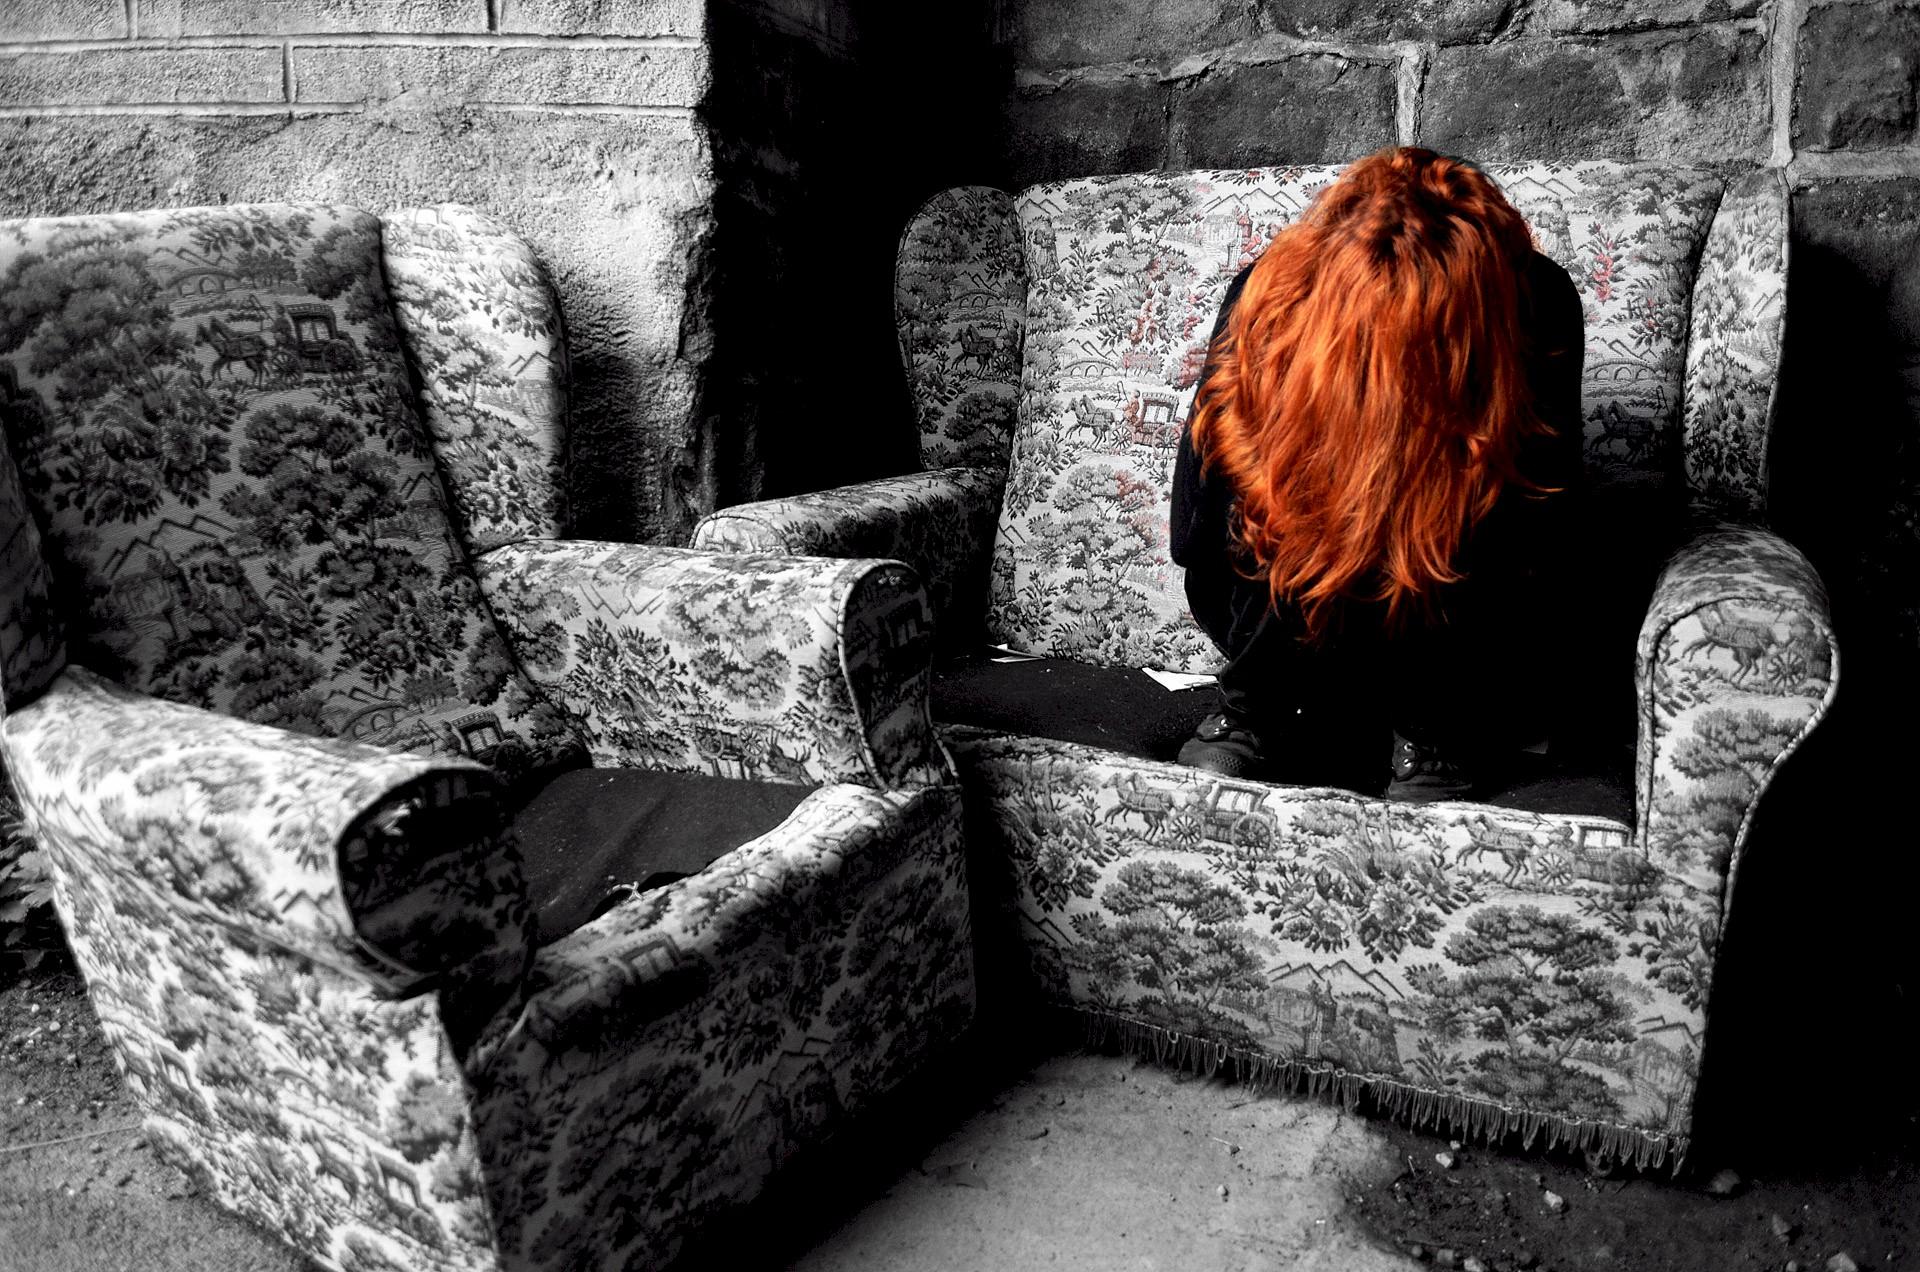 """""""Η εφηβεία είναι ένα τέρας που γεννιέται μέσα του και παλεύει να νικήσει. Κατανόησε τον και μείνε δίπλα του"""""""